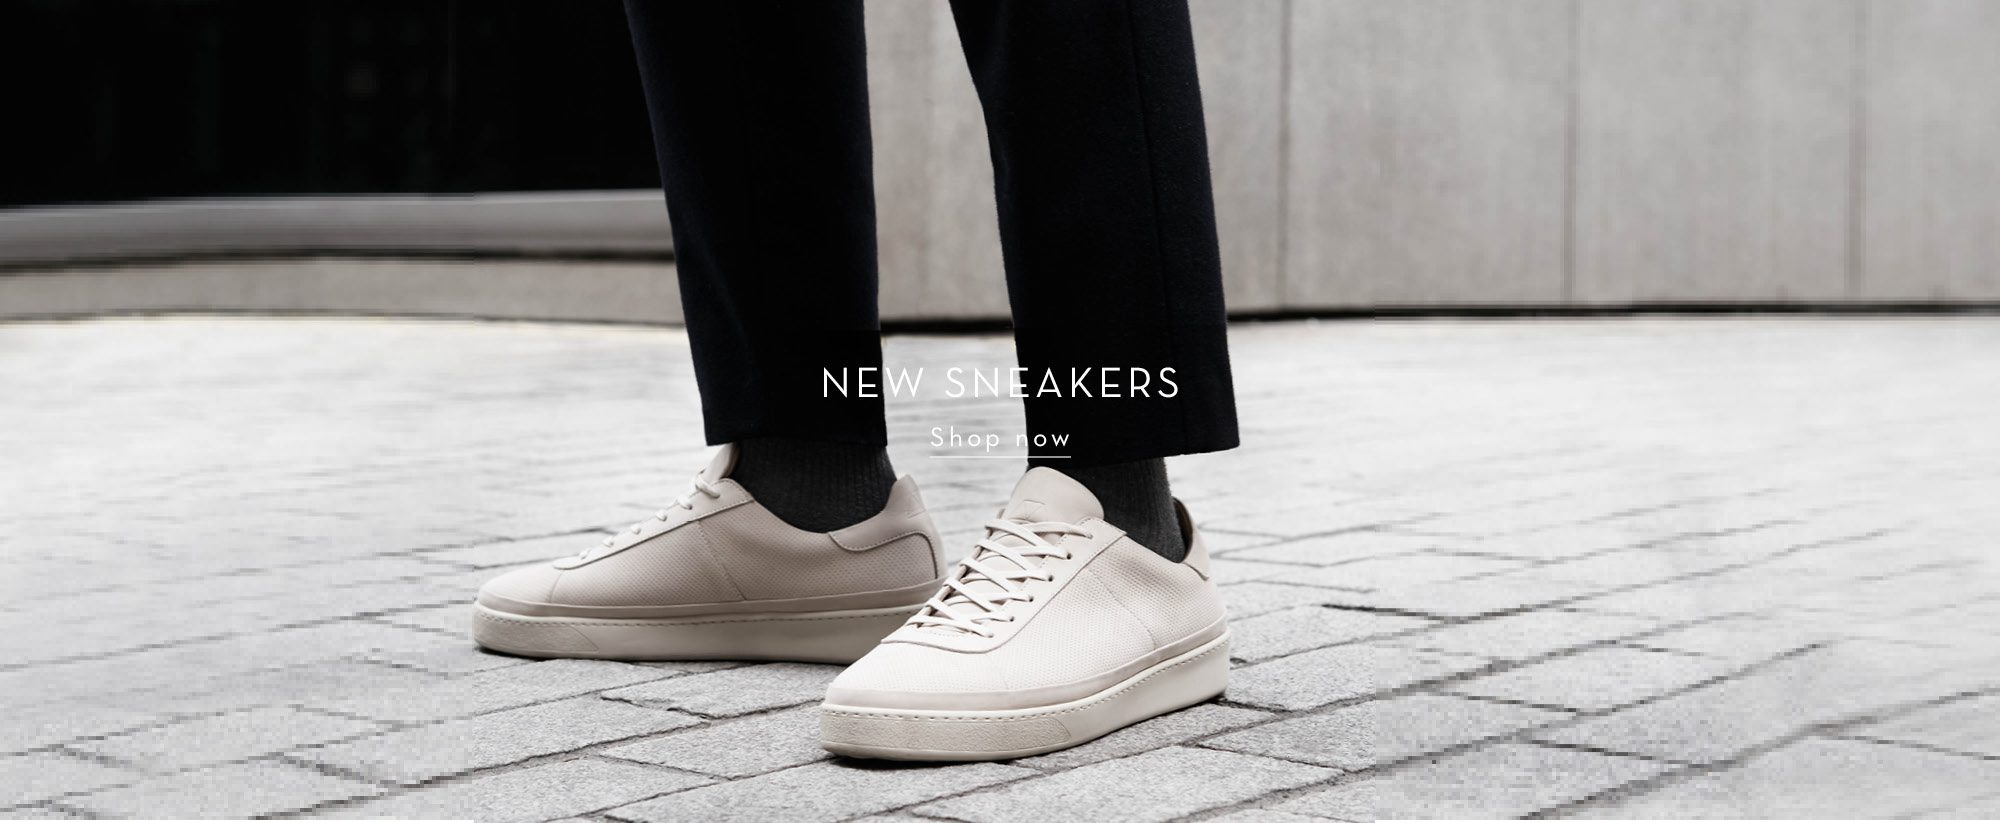 New Season Nubuck Sneakers for Men